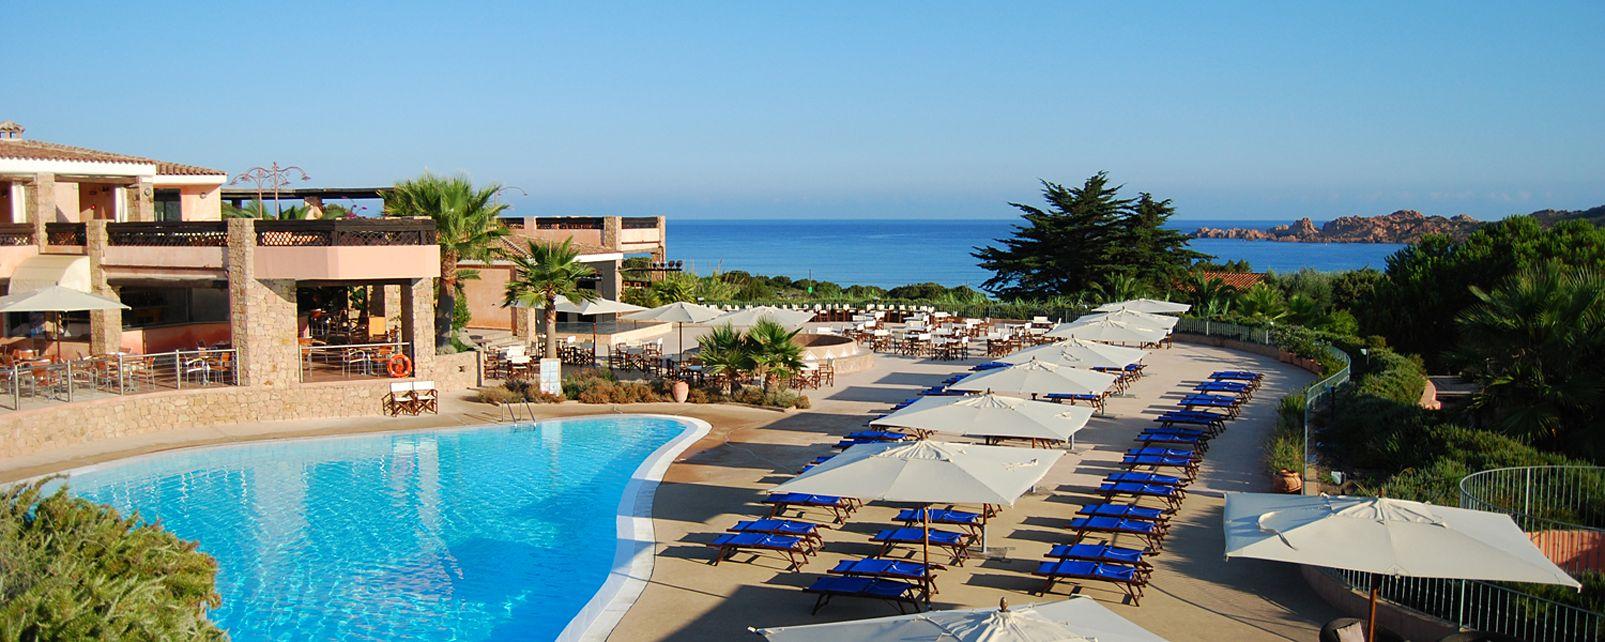 Hotel Hôtel Marinedda Thalasso & SPA